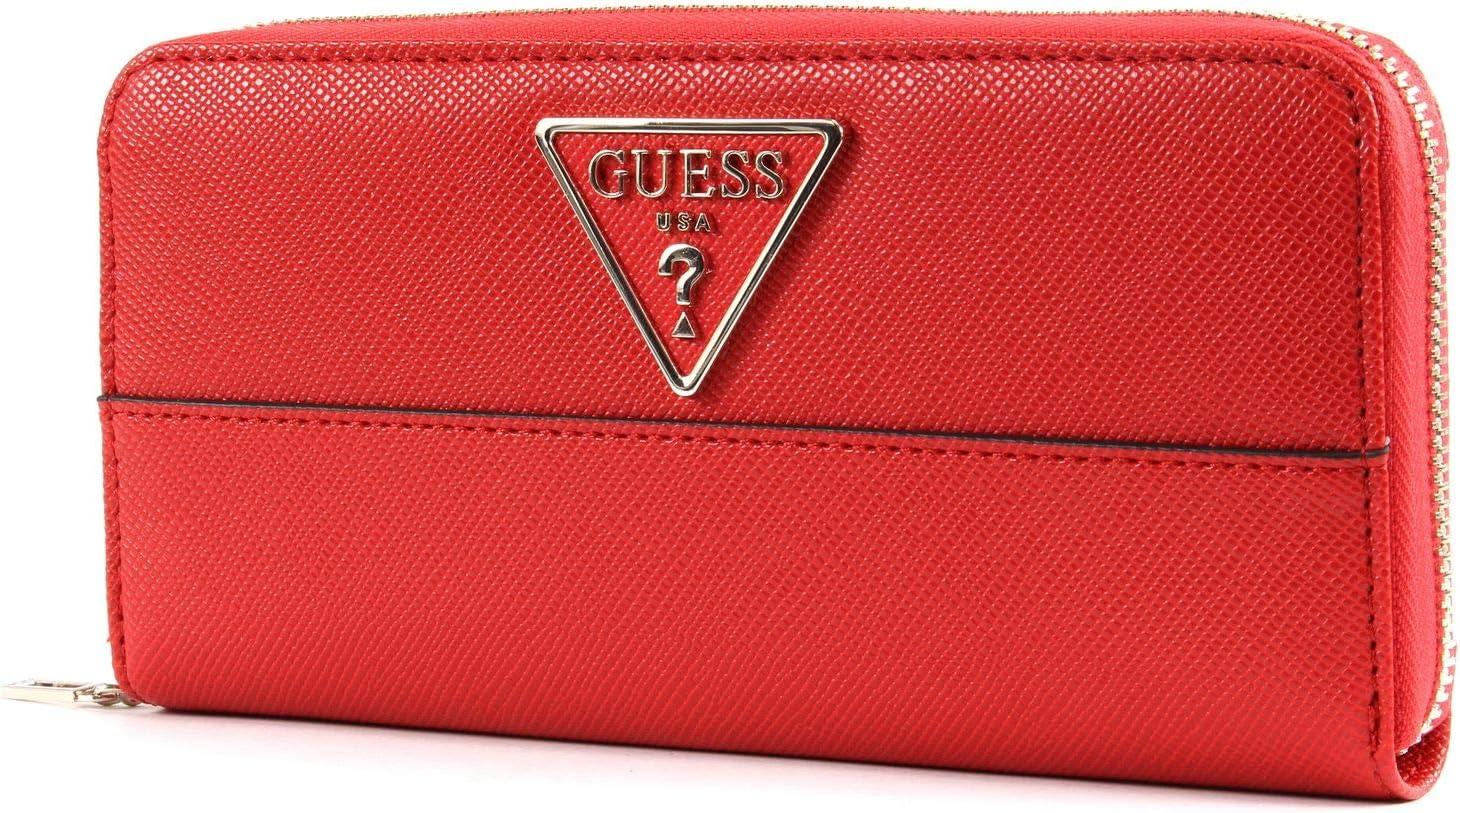 Guess Damen Peony Shine Large Zip Around Wallet Geldbörse, merhfarbig, Einheitsgröße